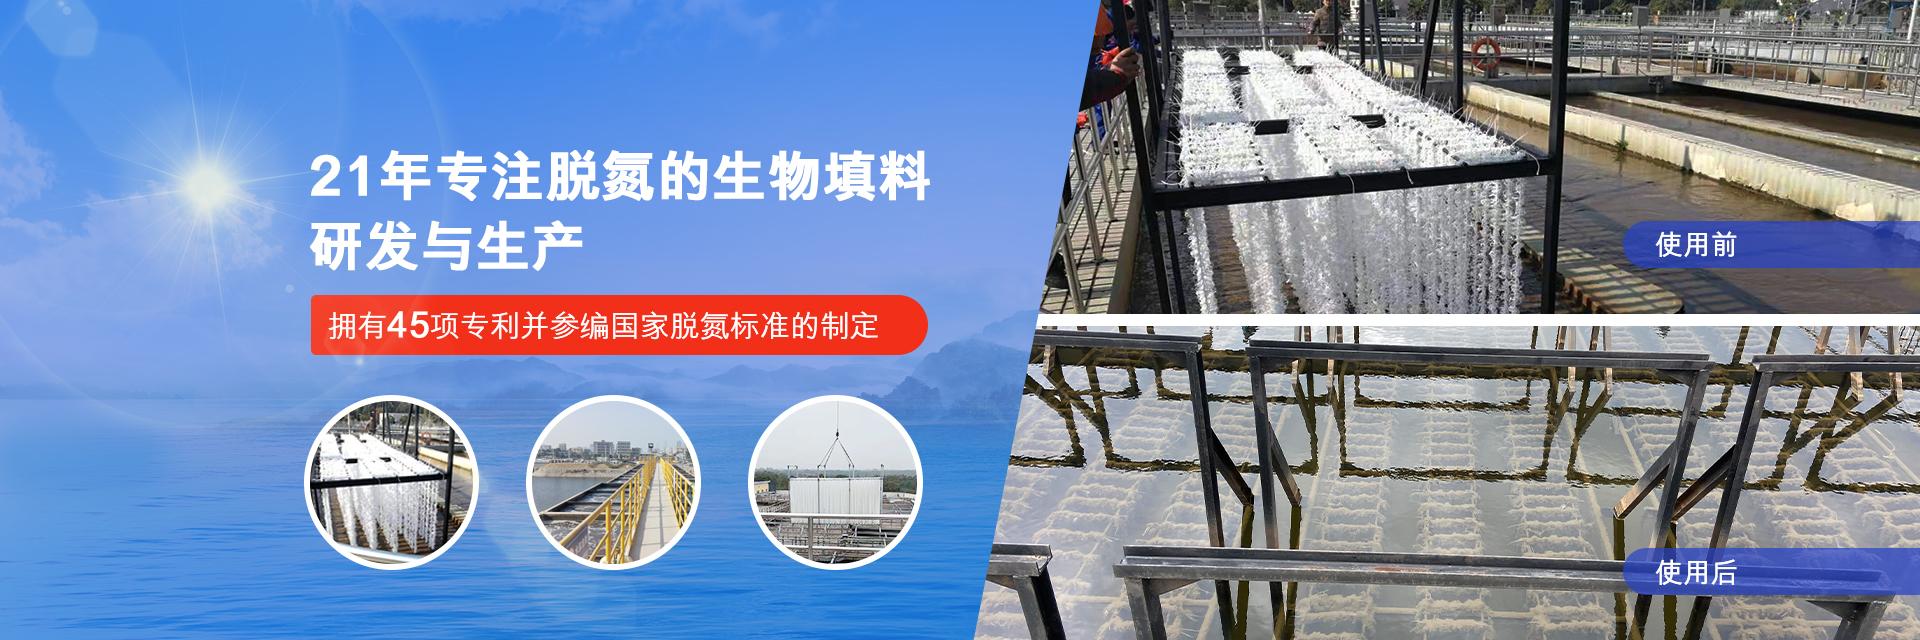 生物填料,MBR膜,一体化污水处理设备,超滤膜,生物填料生产厂家